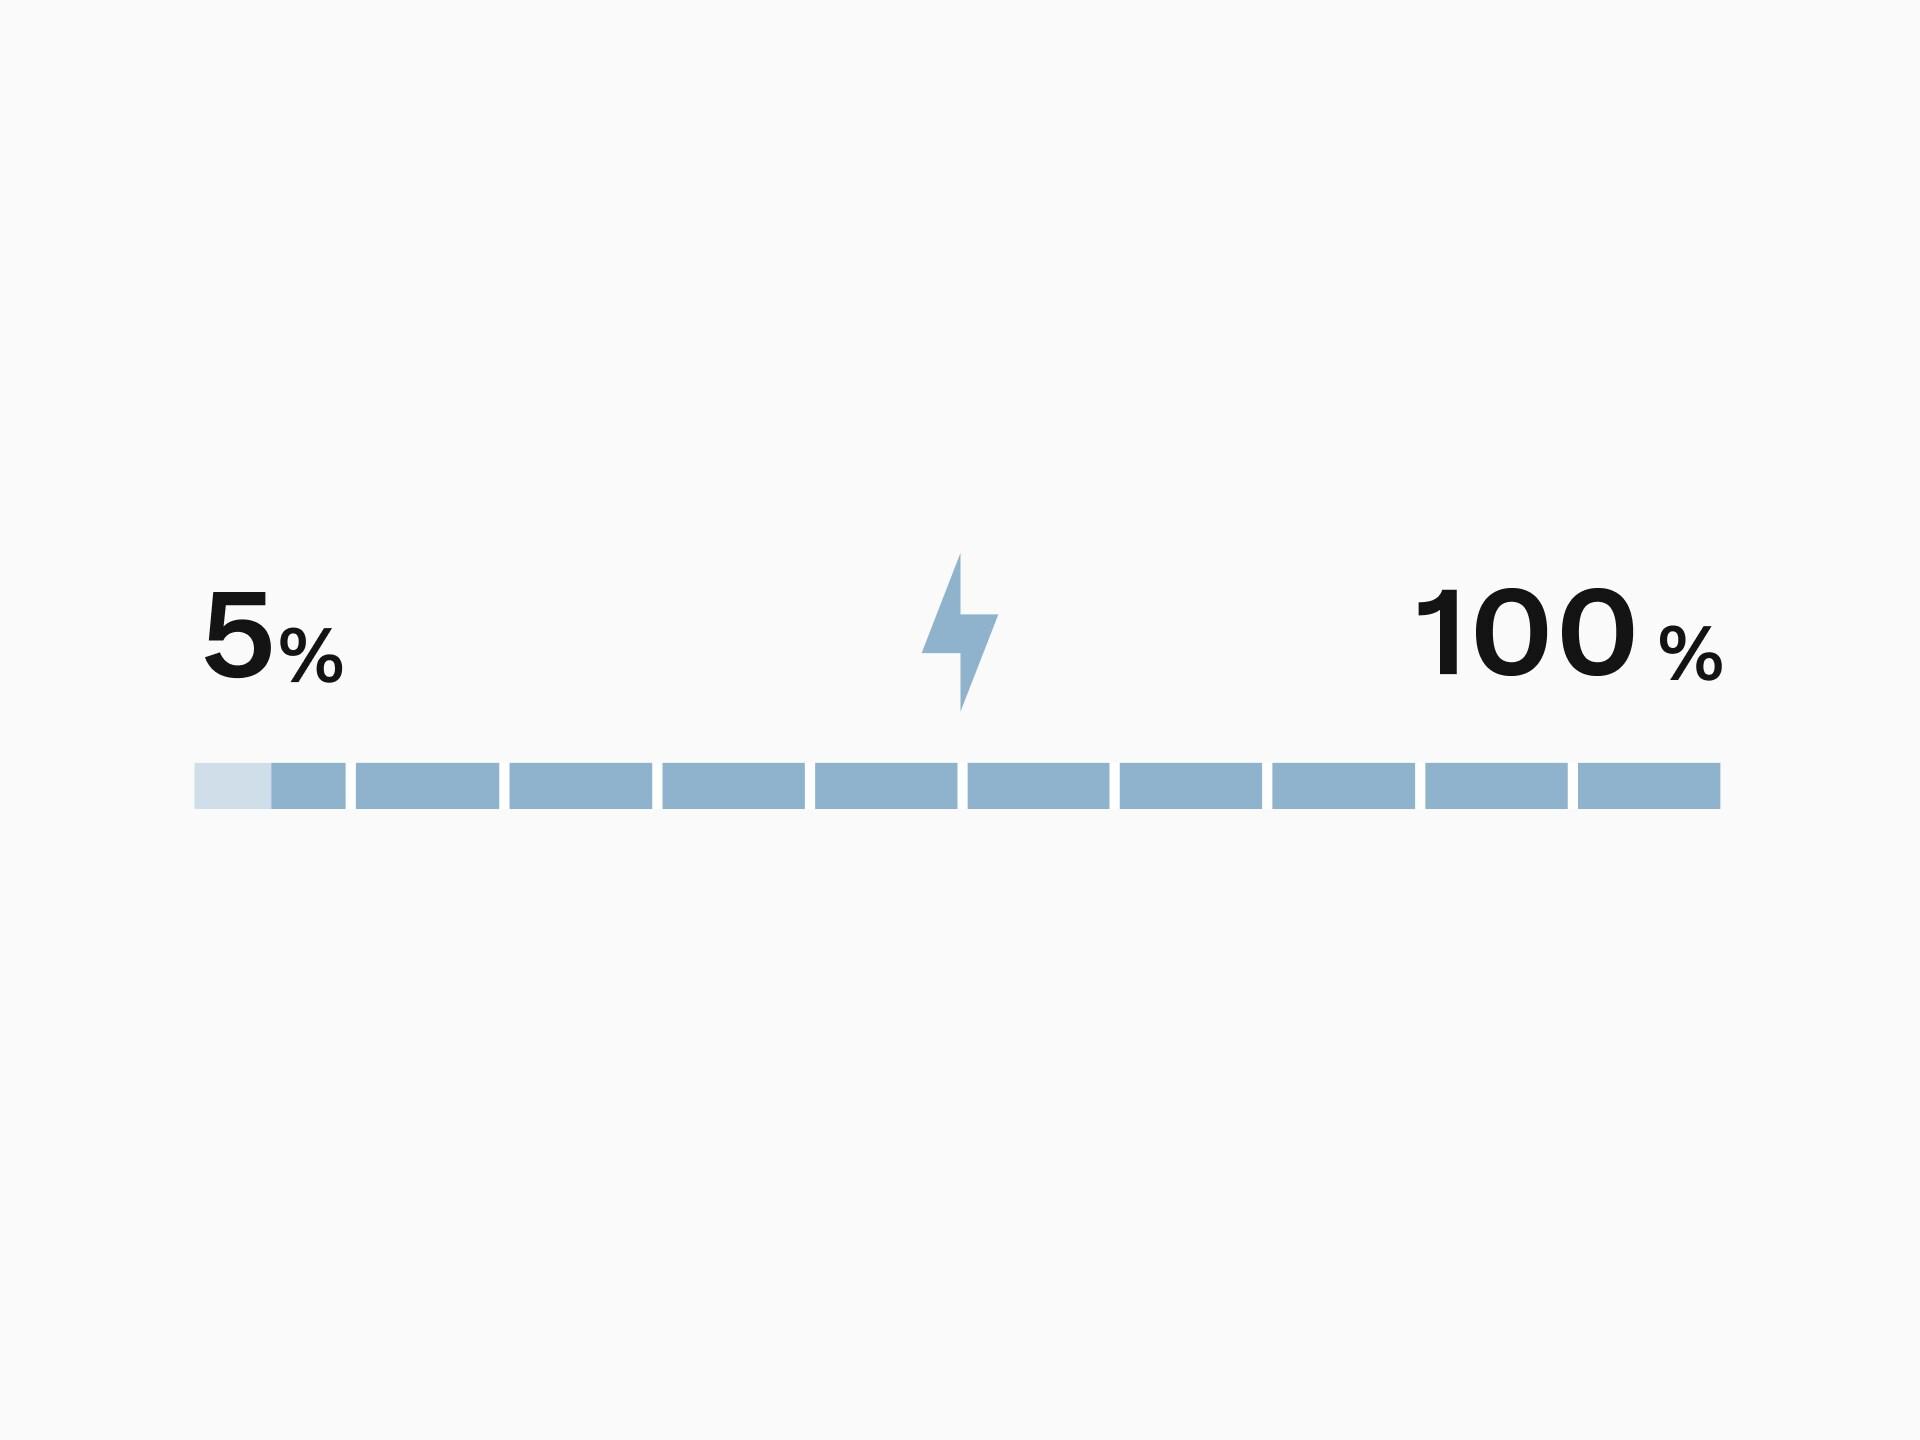 Grafico a barre della percentuale di ricarica, evidenziata da 5% al 100% per indicare l'intervallo operativo ideale per una batteria plug-in hybrid.